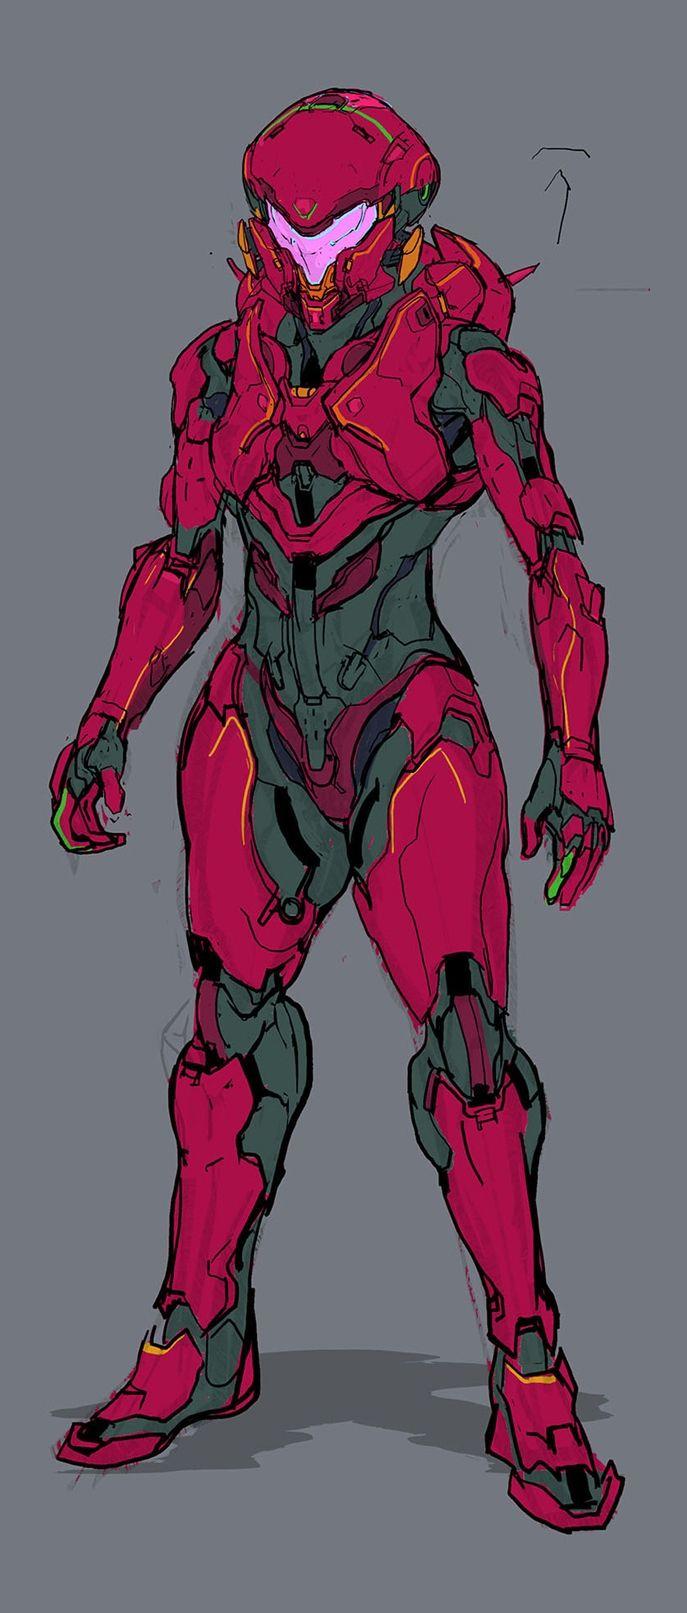 Drawn pixel art halo 5 Pinterest Halo Guardians Art Concept